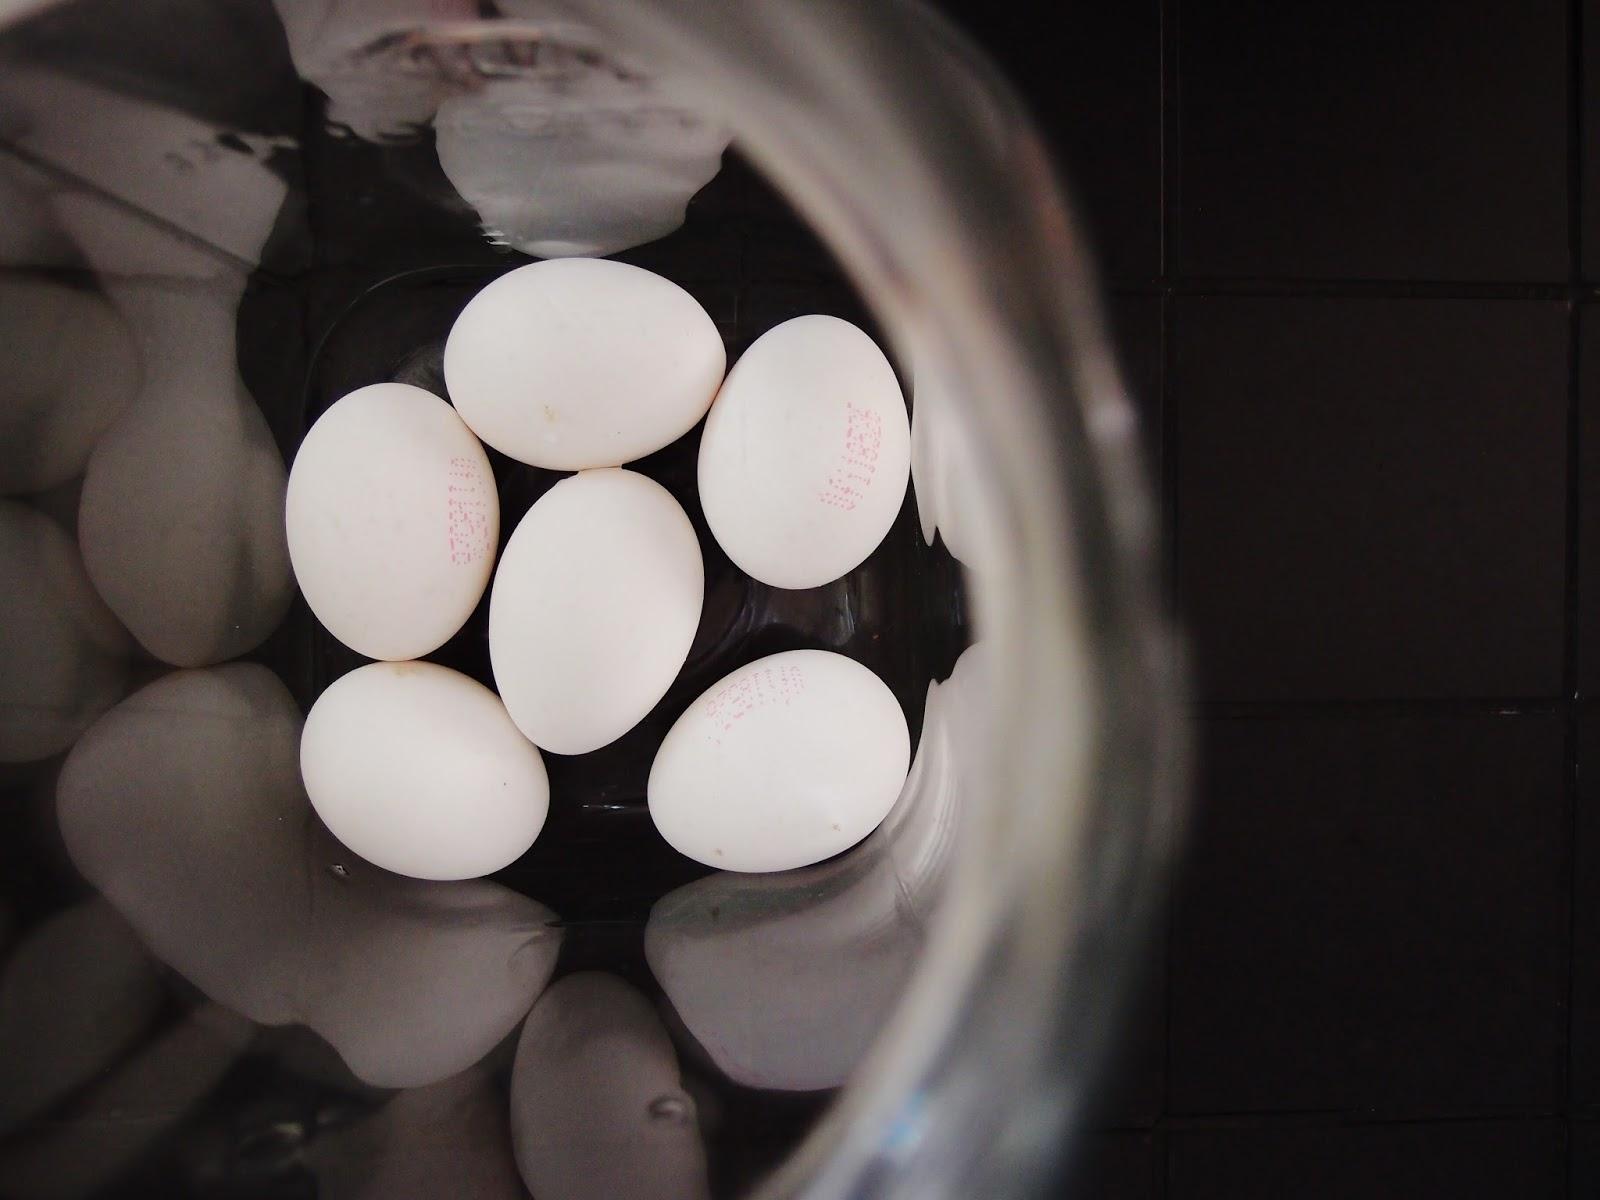 kananmunien säilyttäminen huoneenlämmössä